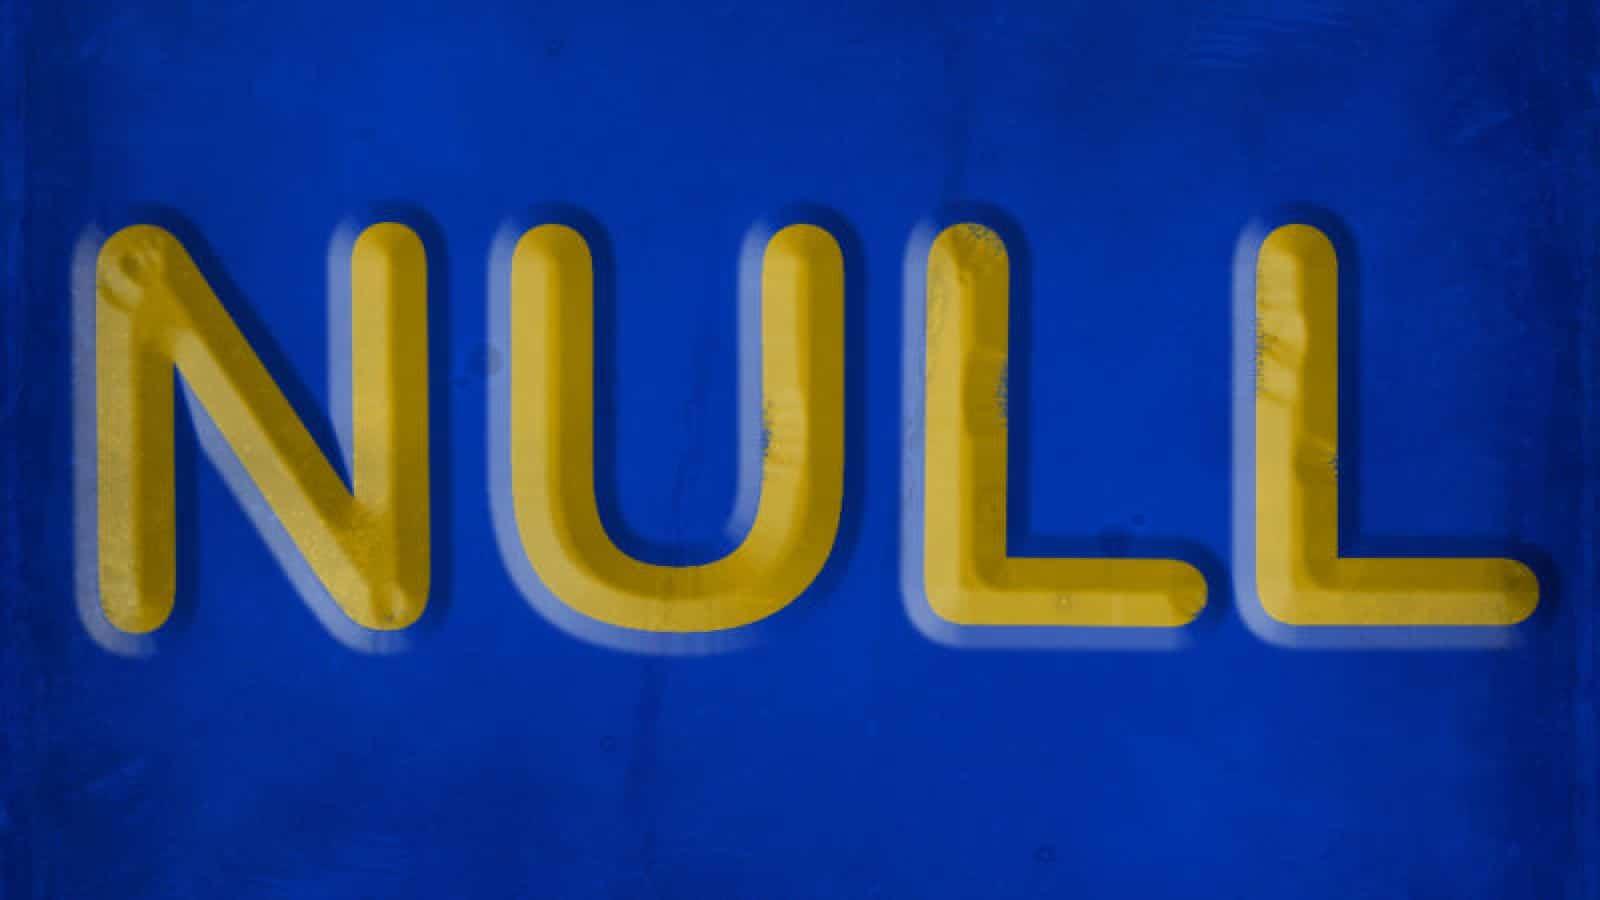 null vanity license plate